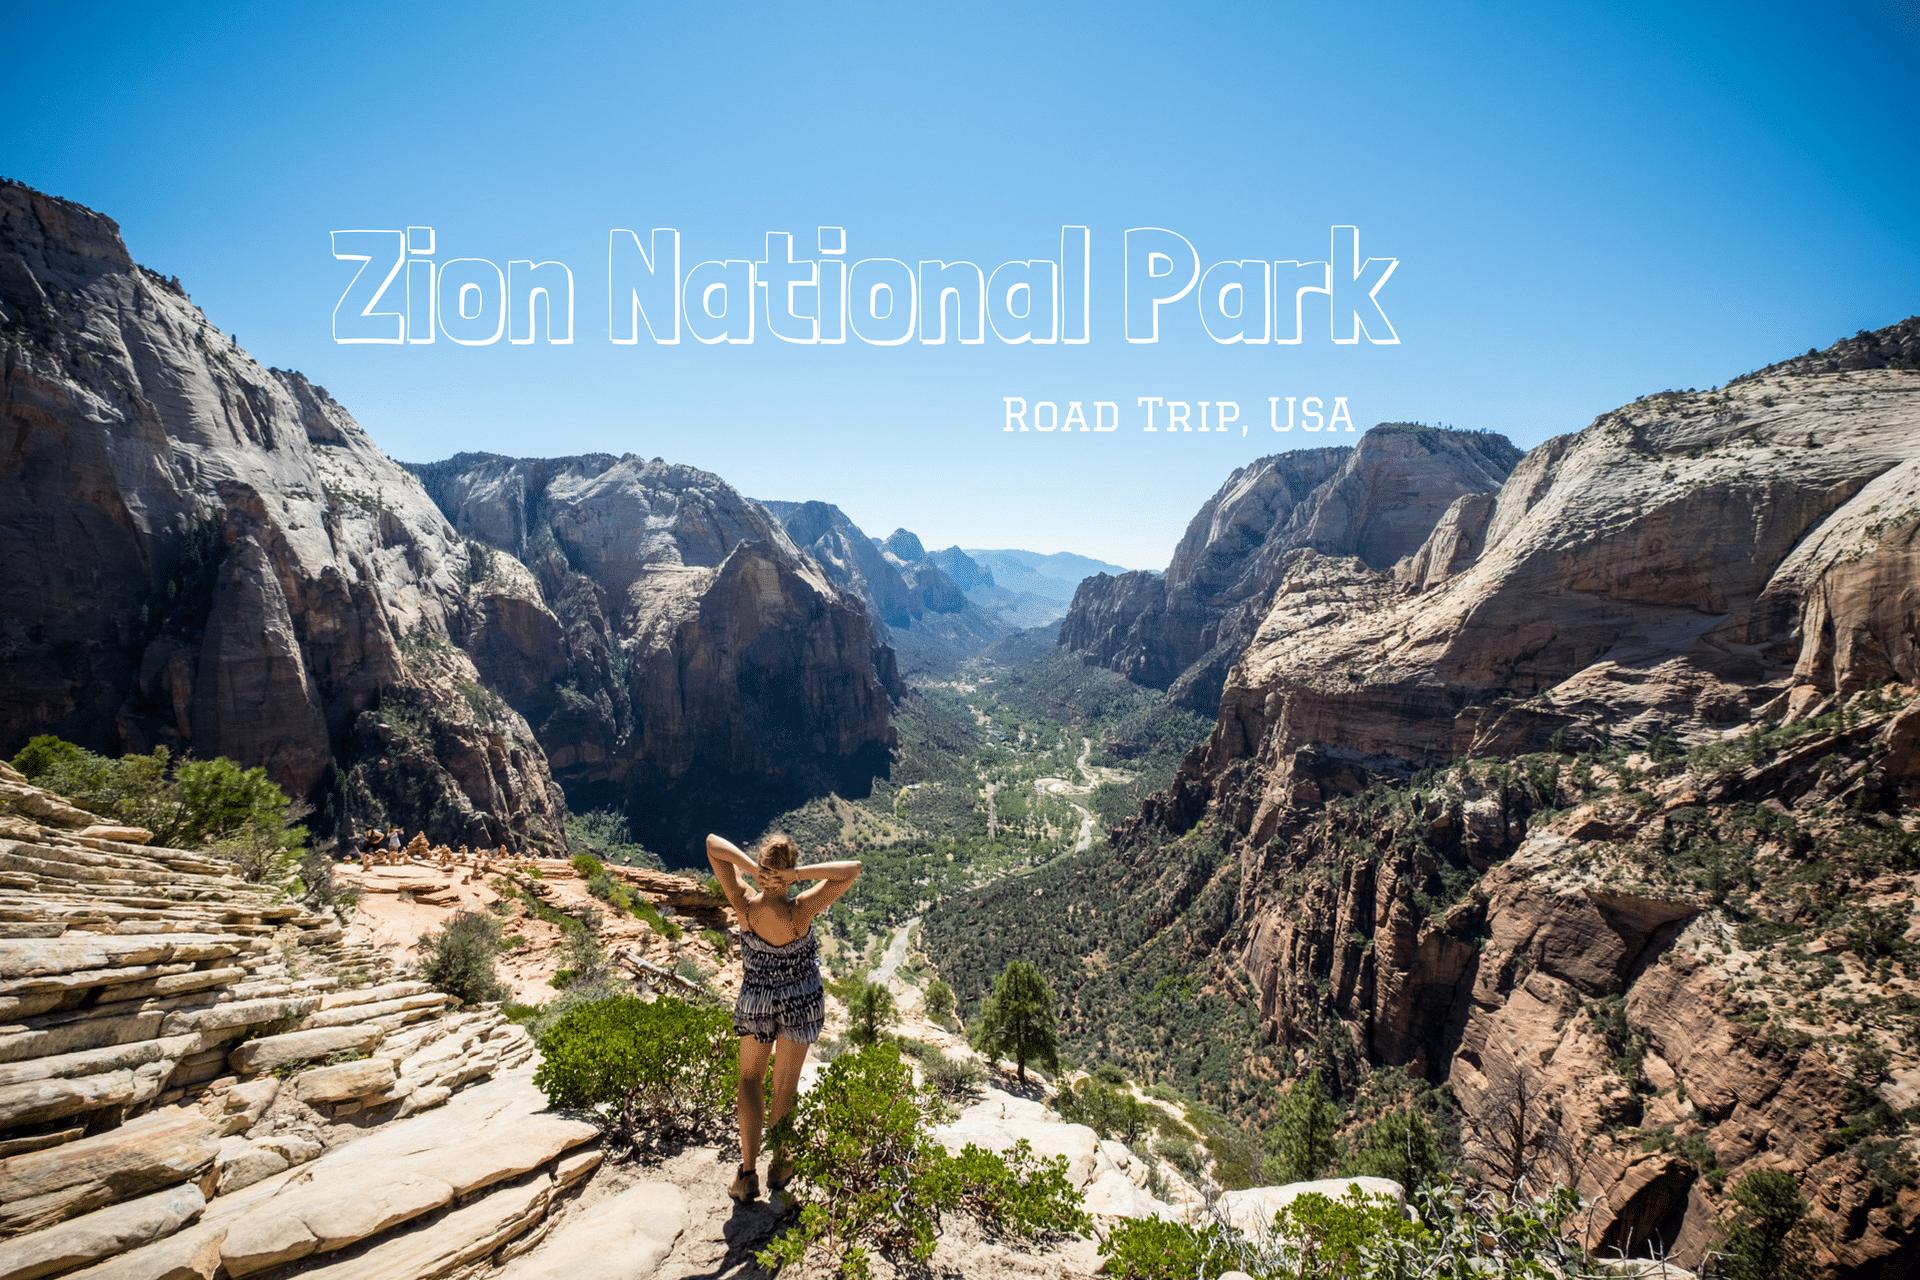 Zion National Park : rando, rando & rando